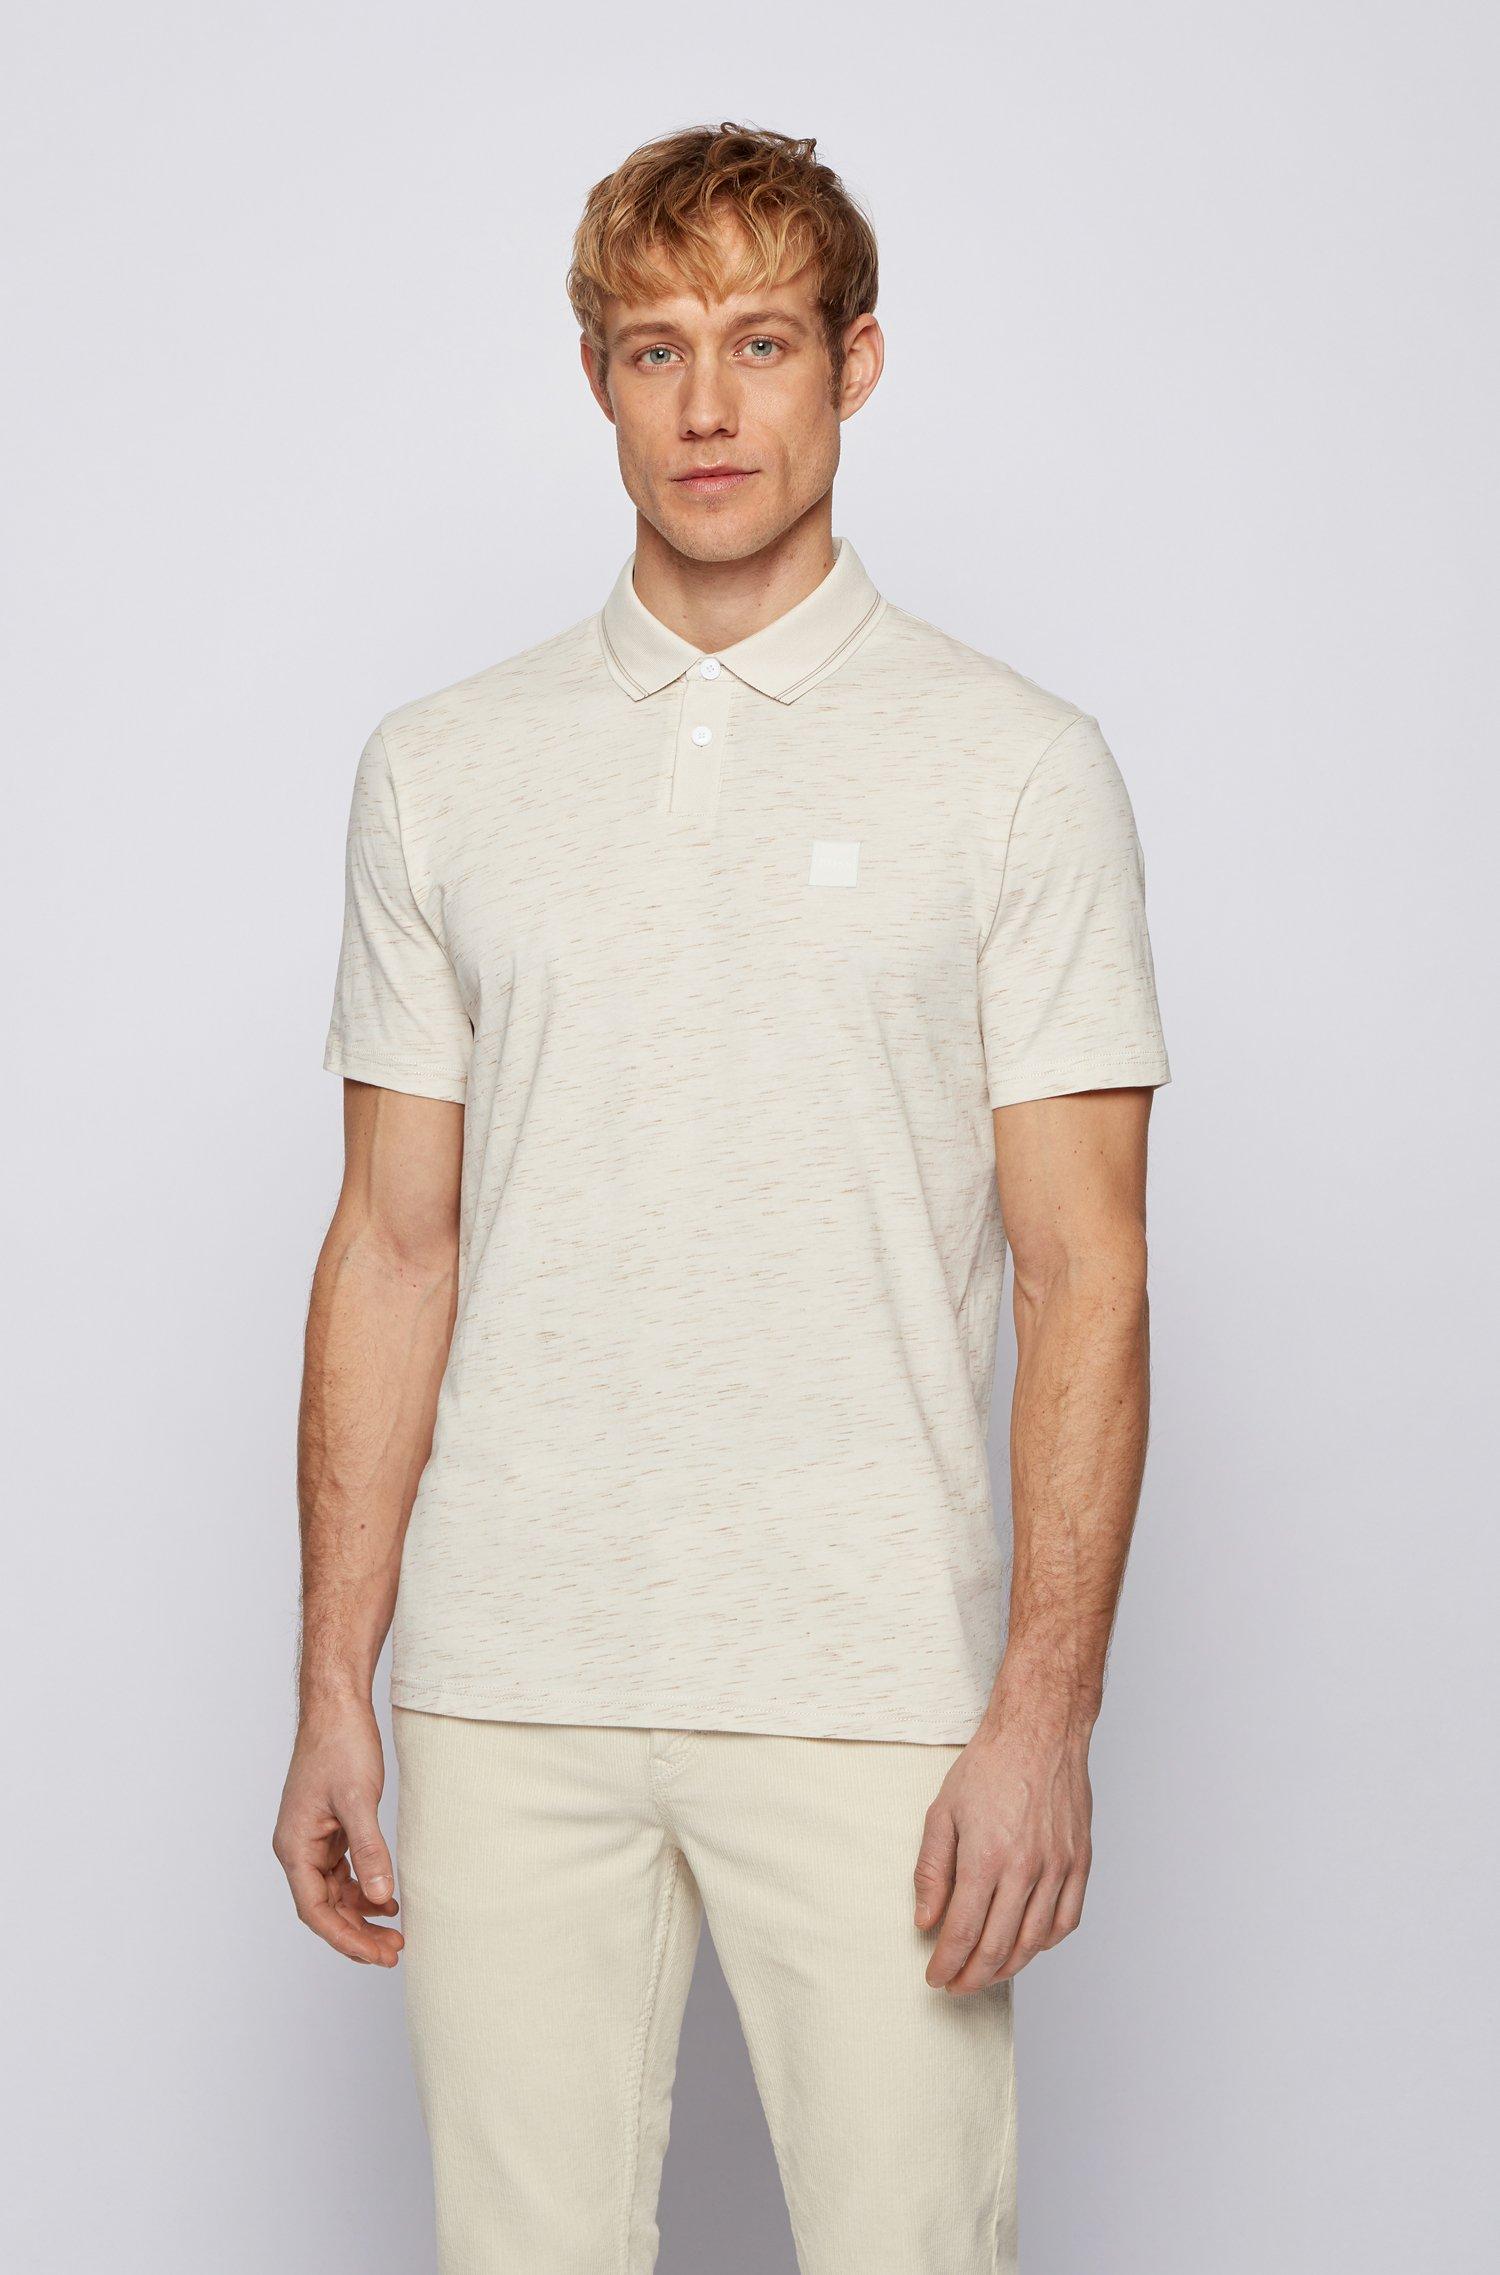 Jersey-Poloshirt aus Baumwoll-Mix mit Struktur-Print, Hellbeige